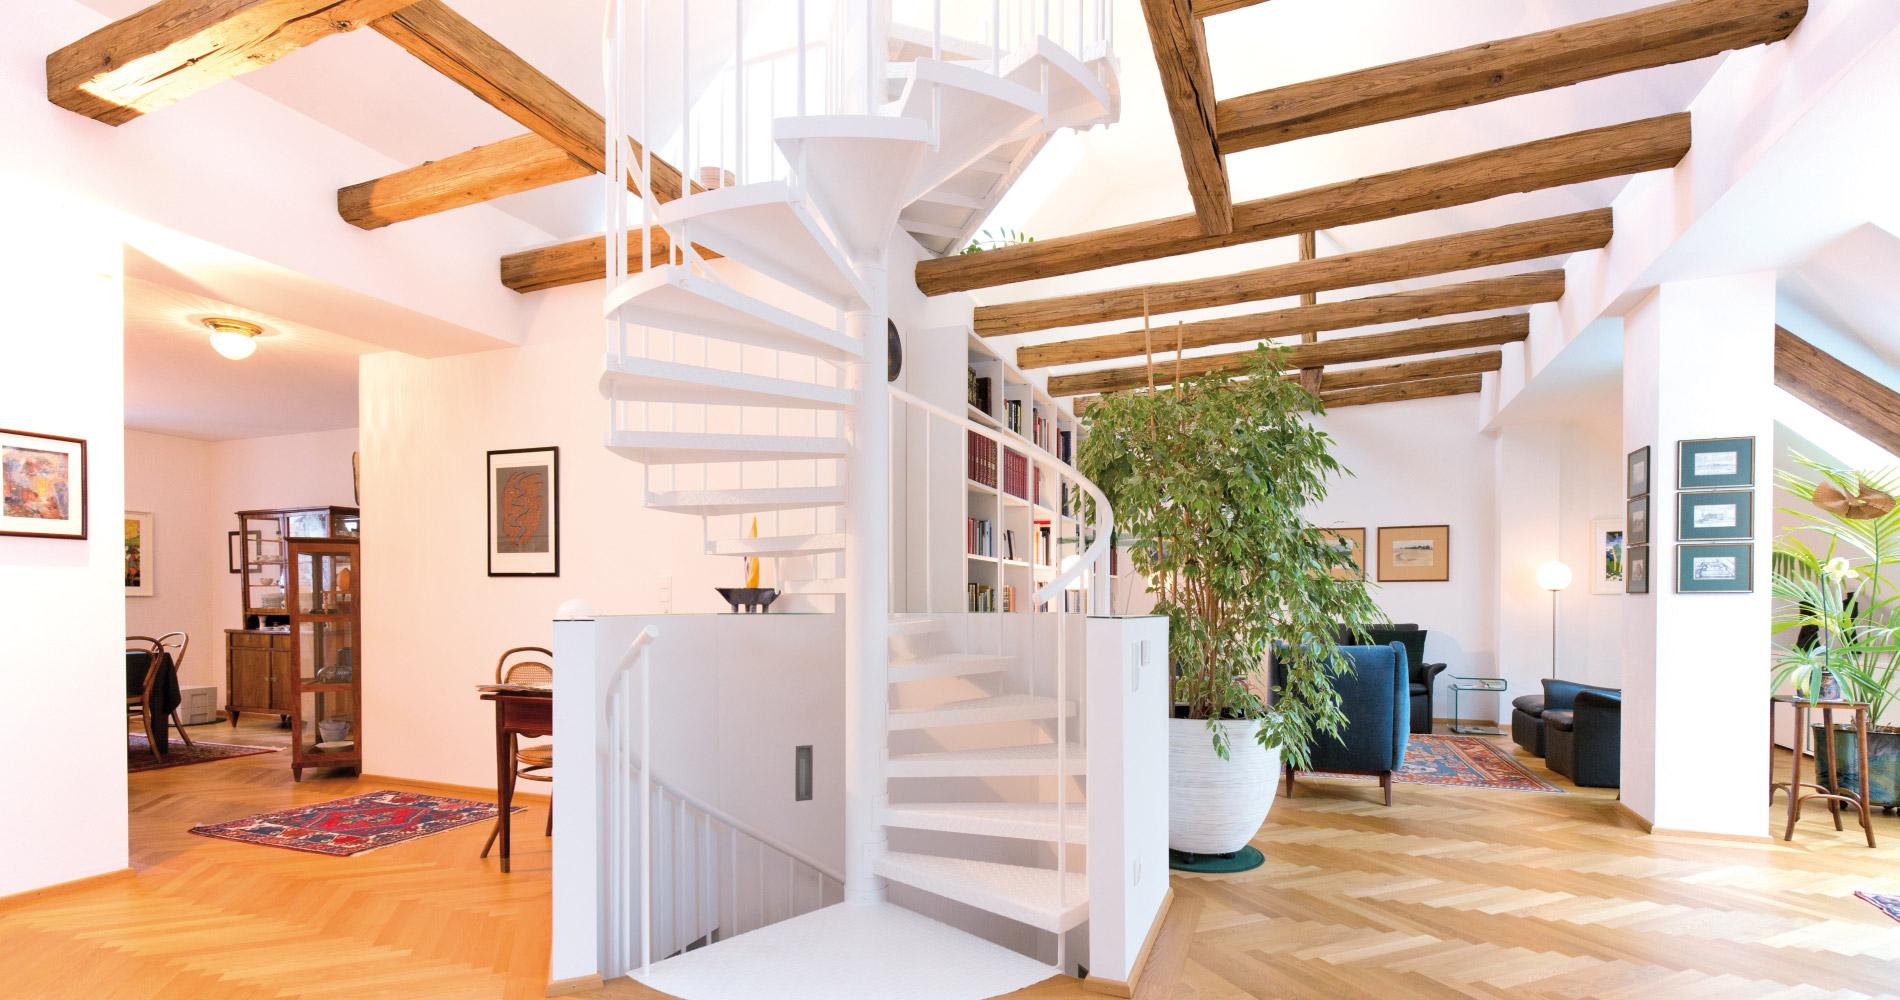 referenzprojekte deckenk hlung und deckenheizung im trockenbau variotherm. Black Bedroom Furniture Sets. Home Design Ideas